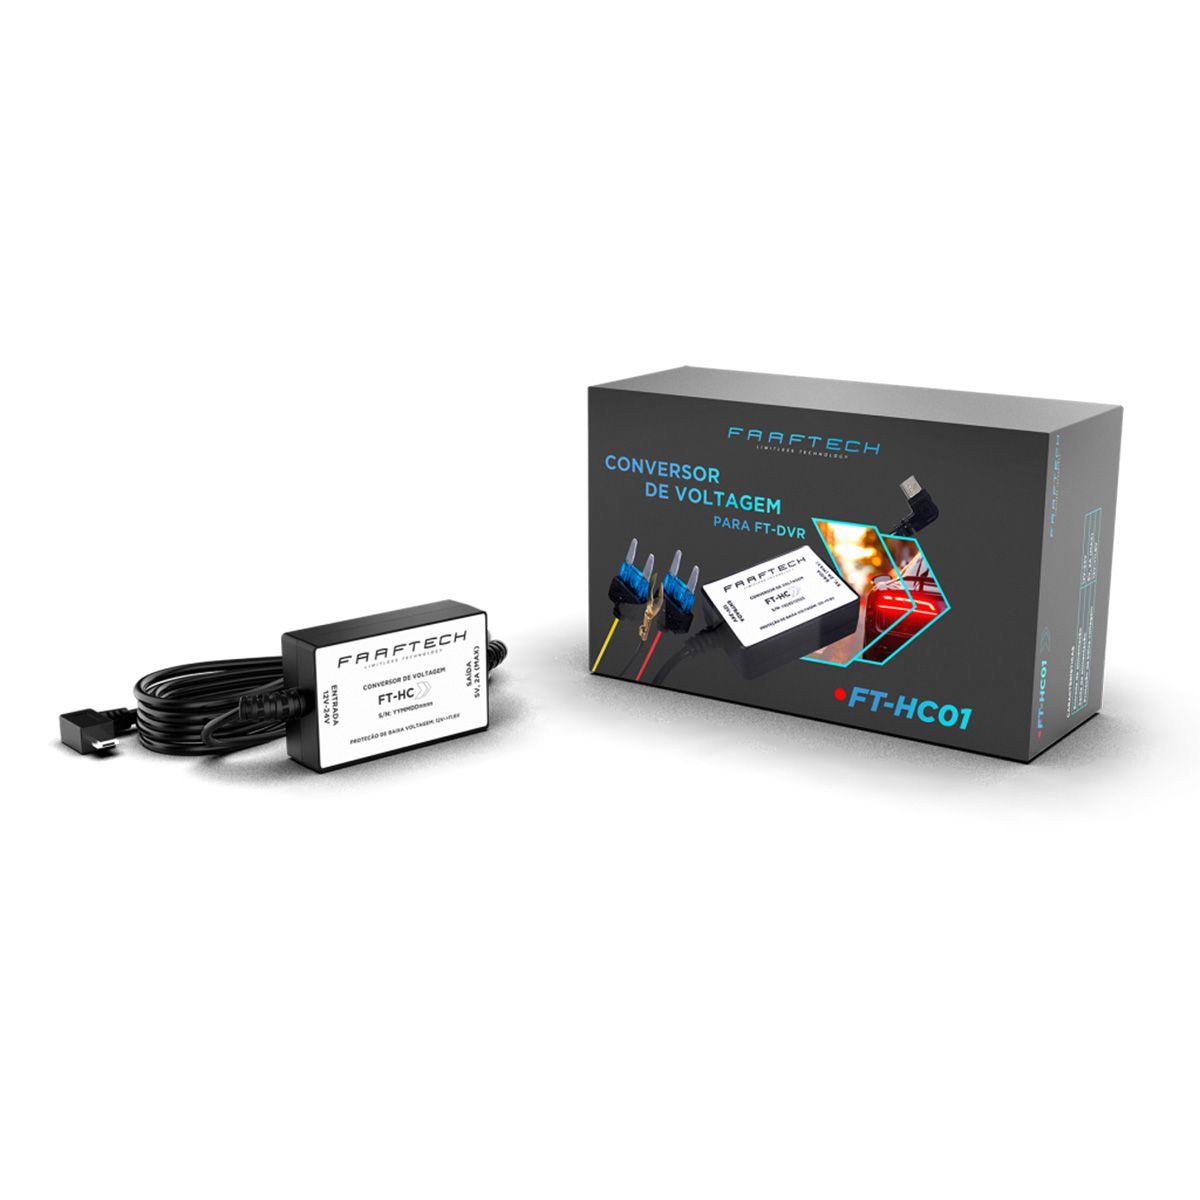 Conversor de Voltagem FT-HC01 para DVR Faaftech